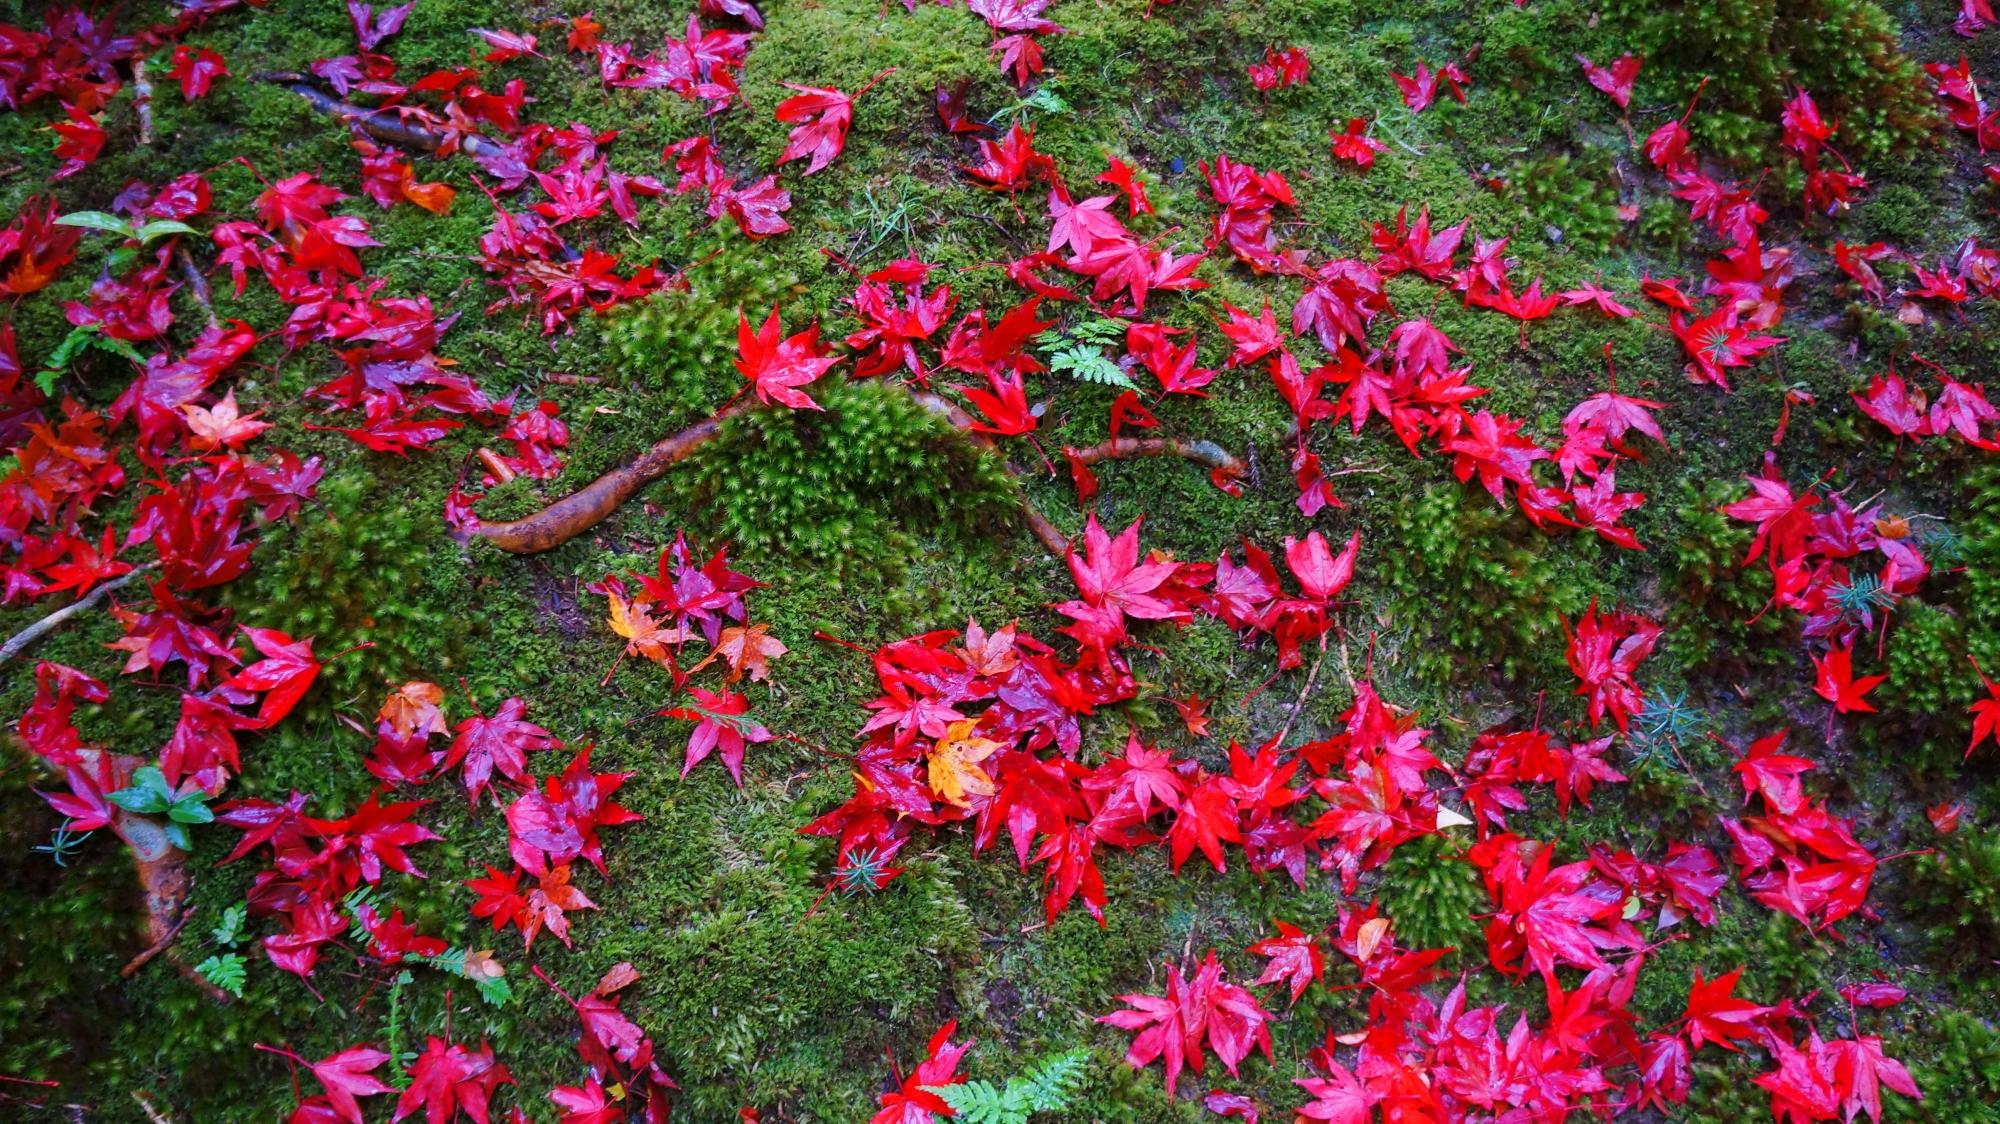 素晴らしすぎる鮮やかな散り紅葉